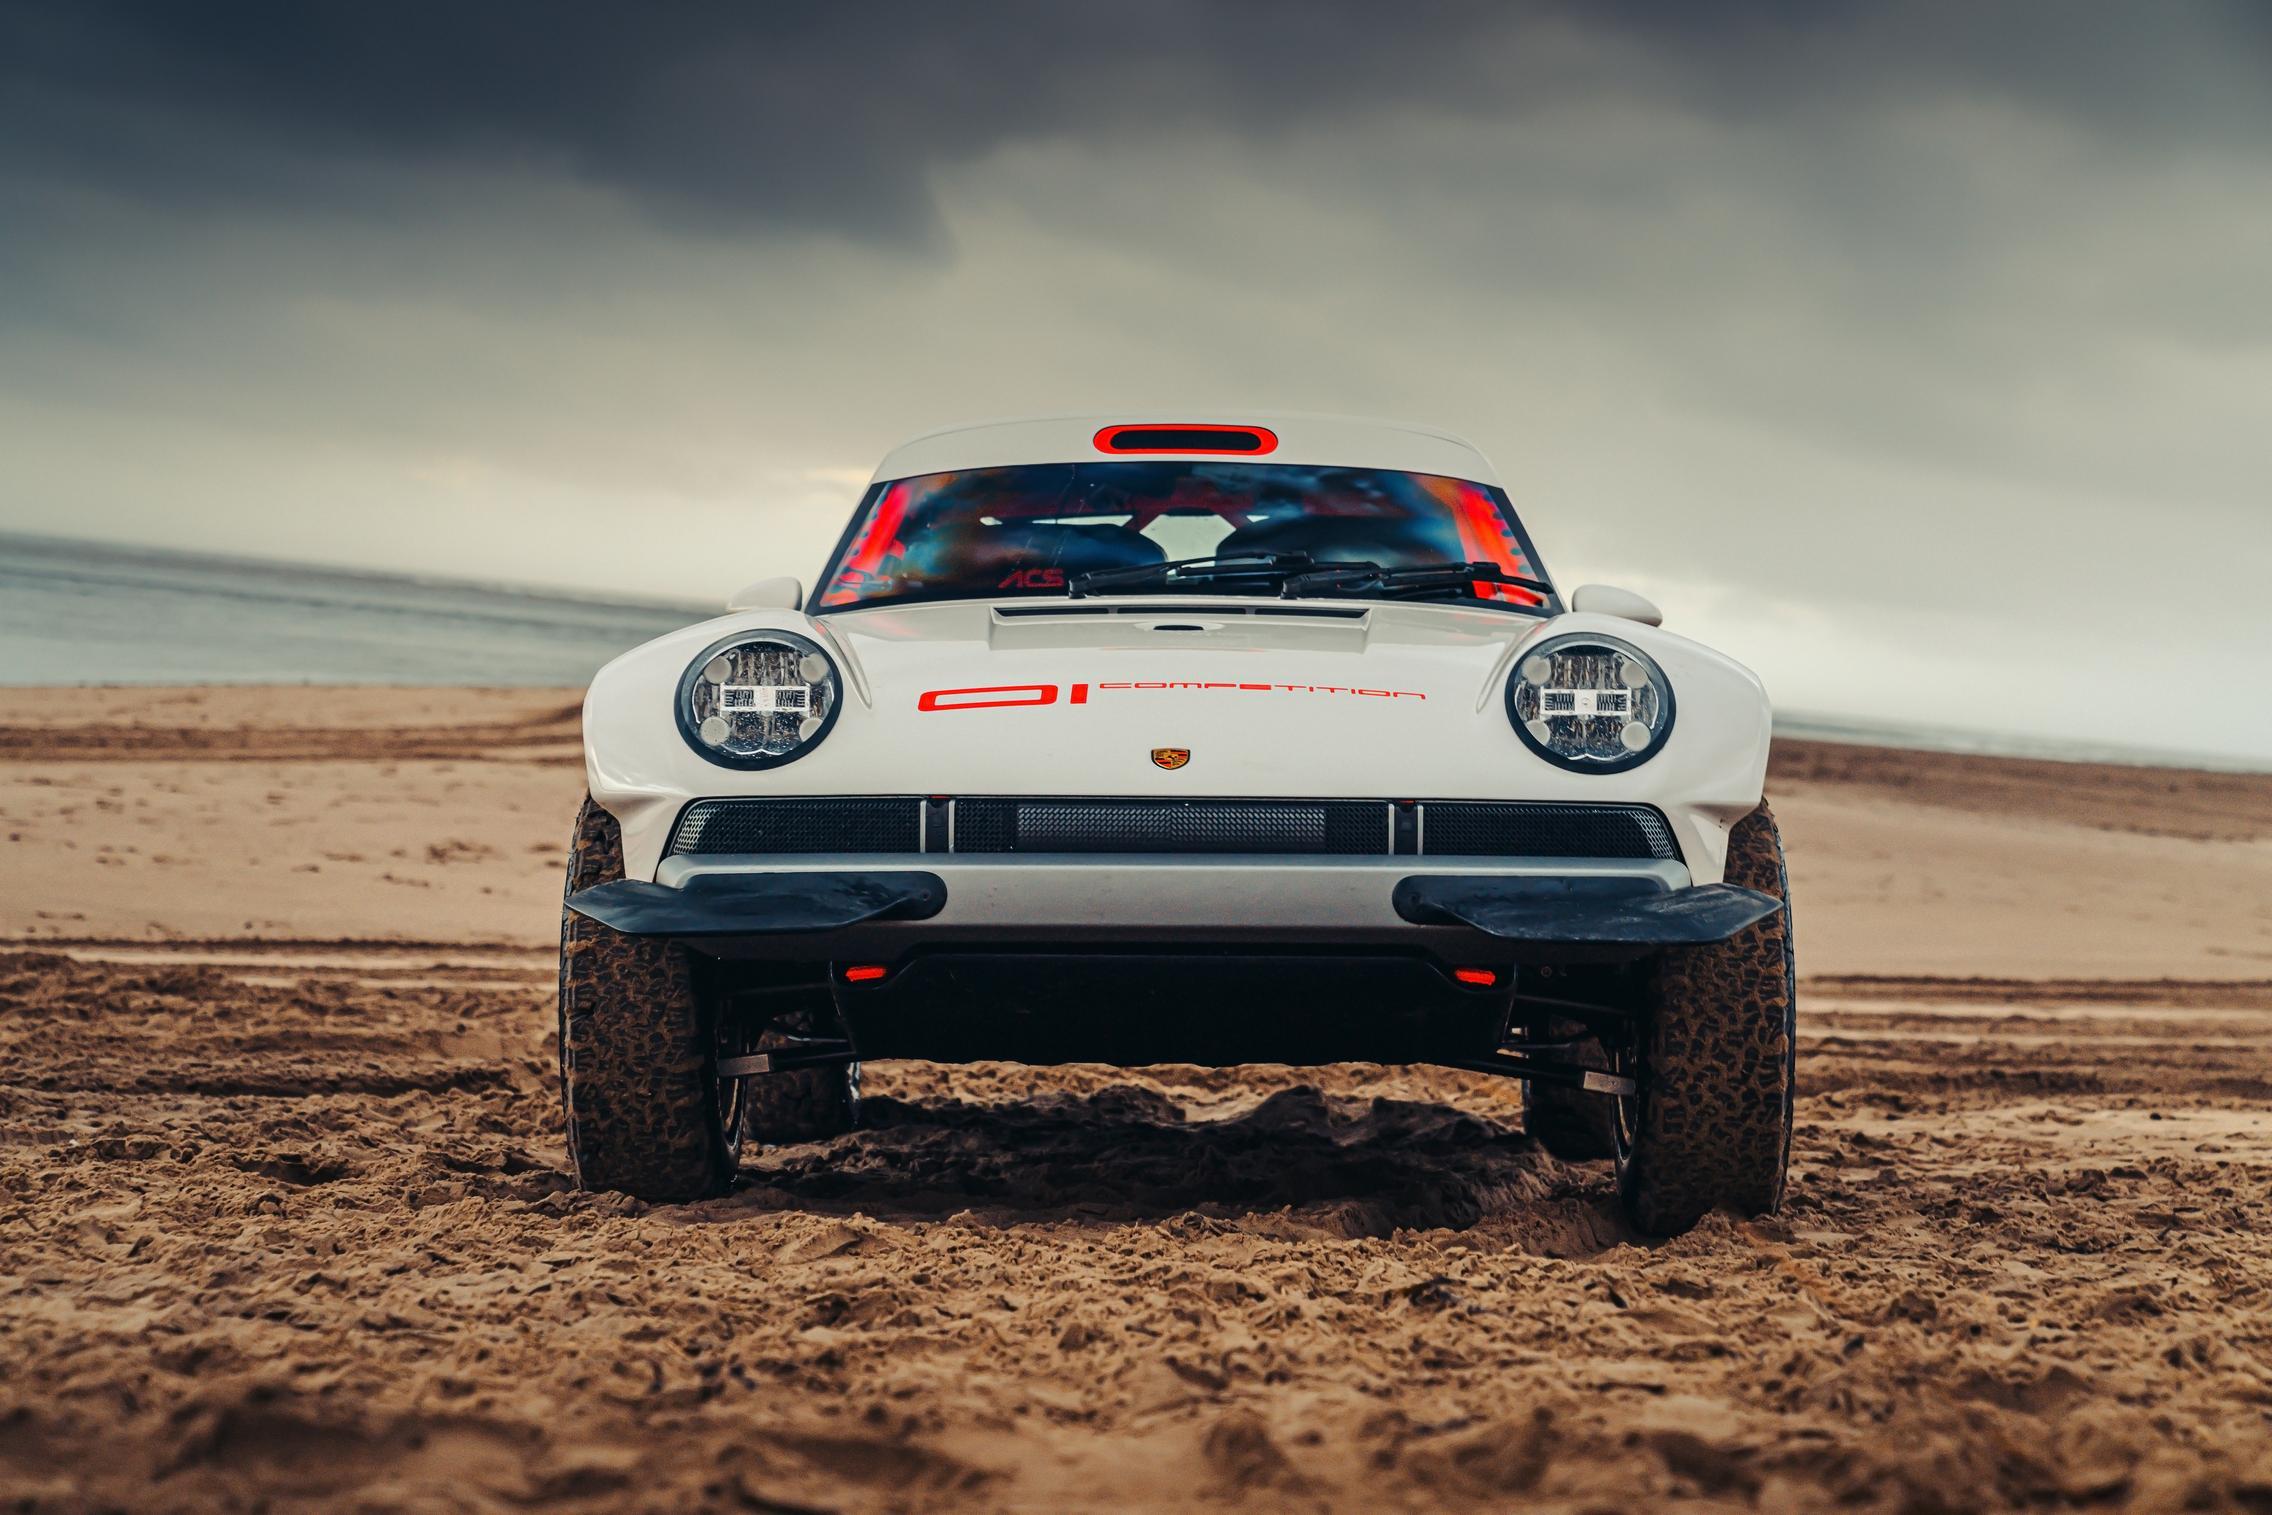 Singer-Tuthill Porsche 911 Safari front